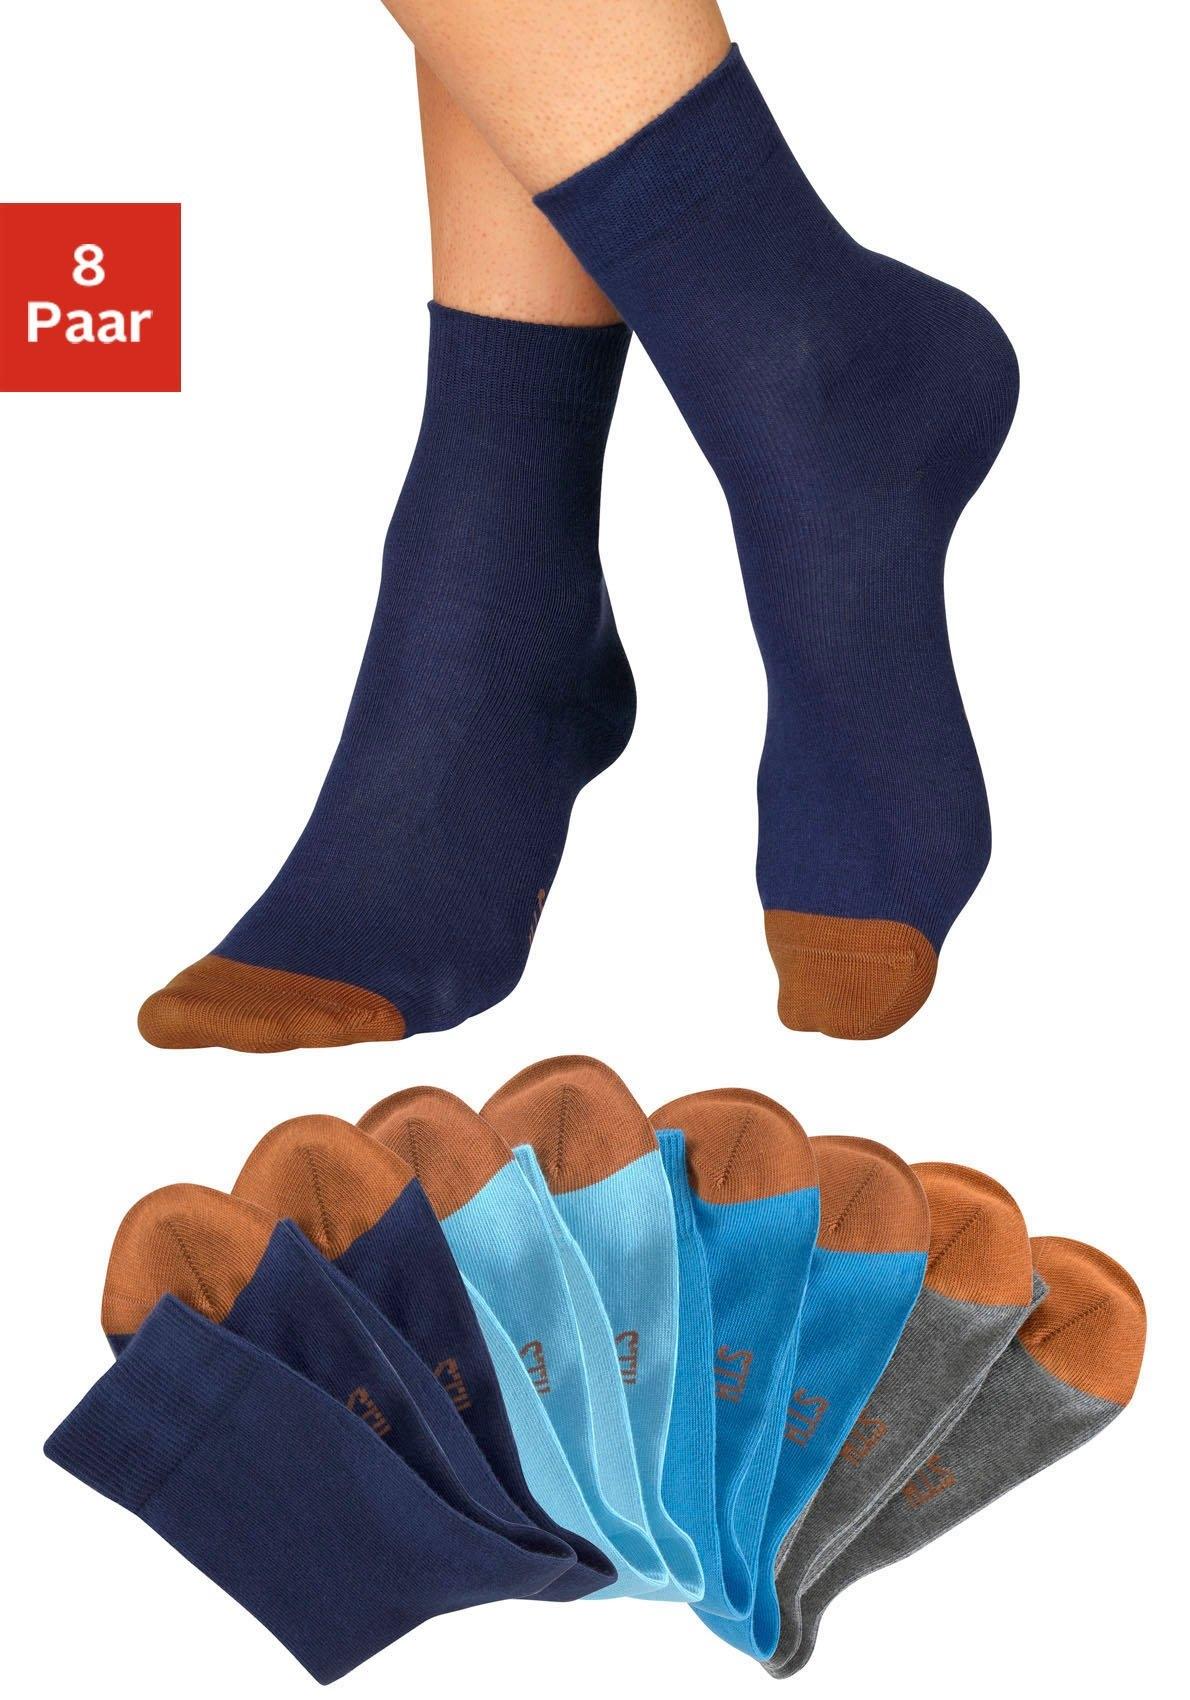 H.I.S sokken met contrastkleurige kant (8 paar) veilig op lascana.nl kopen